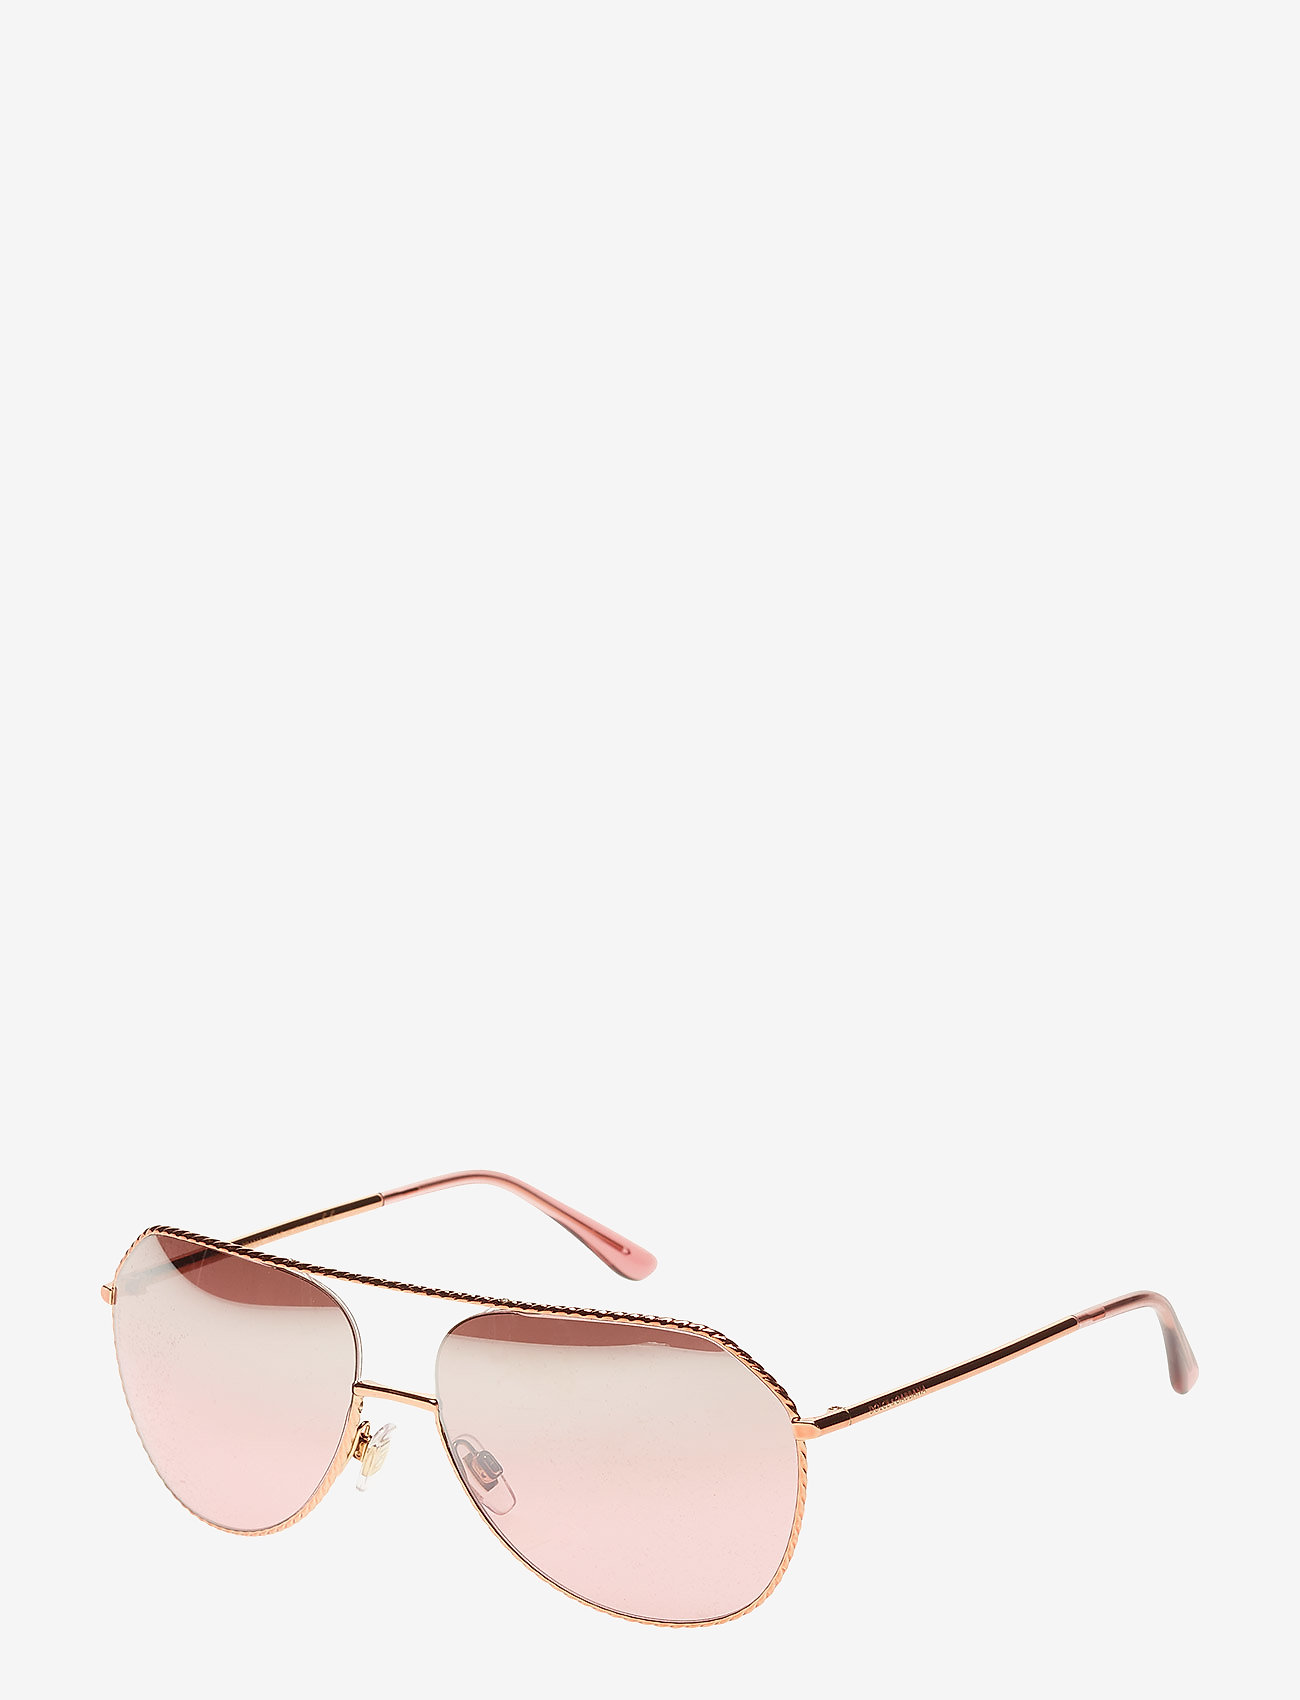 Dolce & Gabbana Sunglasses - WOMEN'S SUNGLASSES - okulary przeciwsłoneczne aviator - pink gold - 1